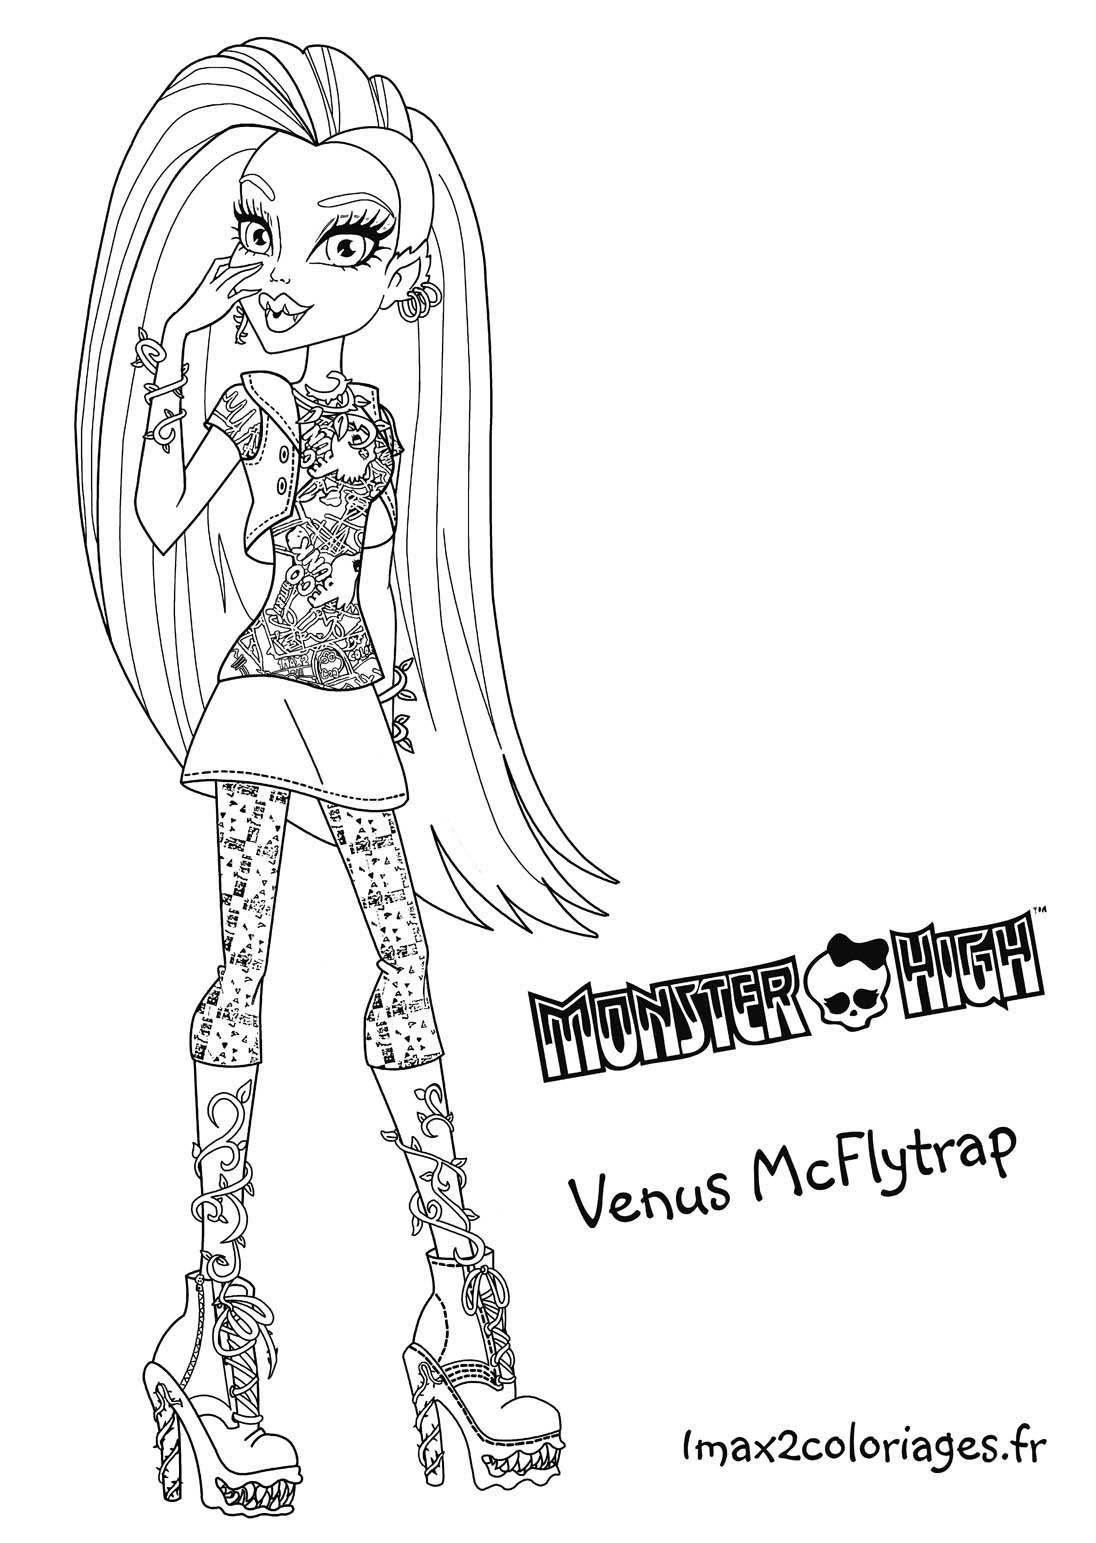 coloriage Venus McFlytrap grande image | Coloriage, Tatouages de